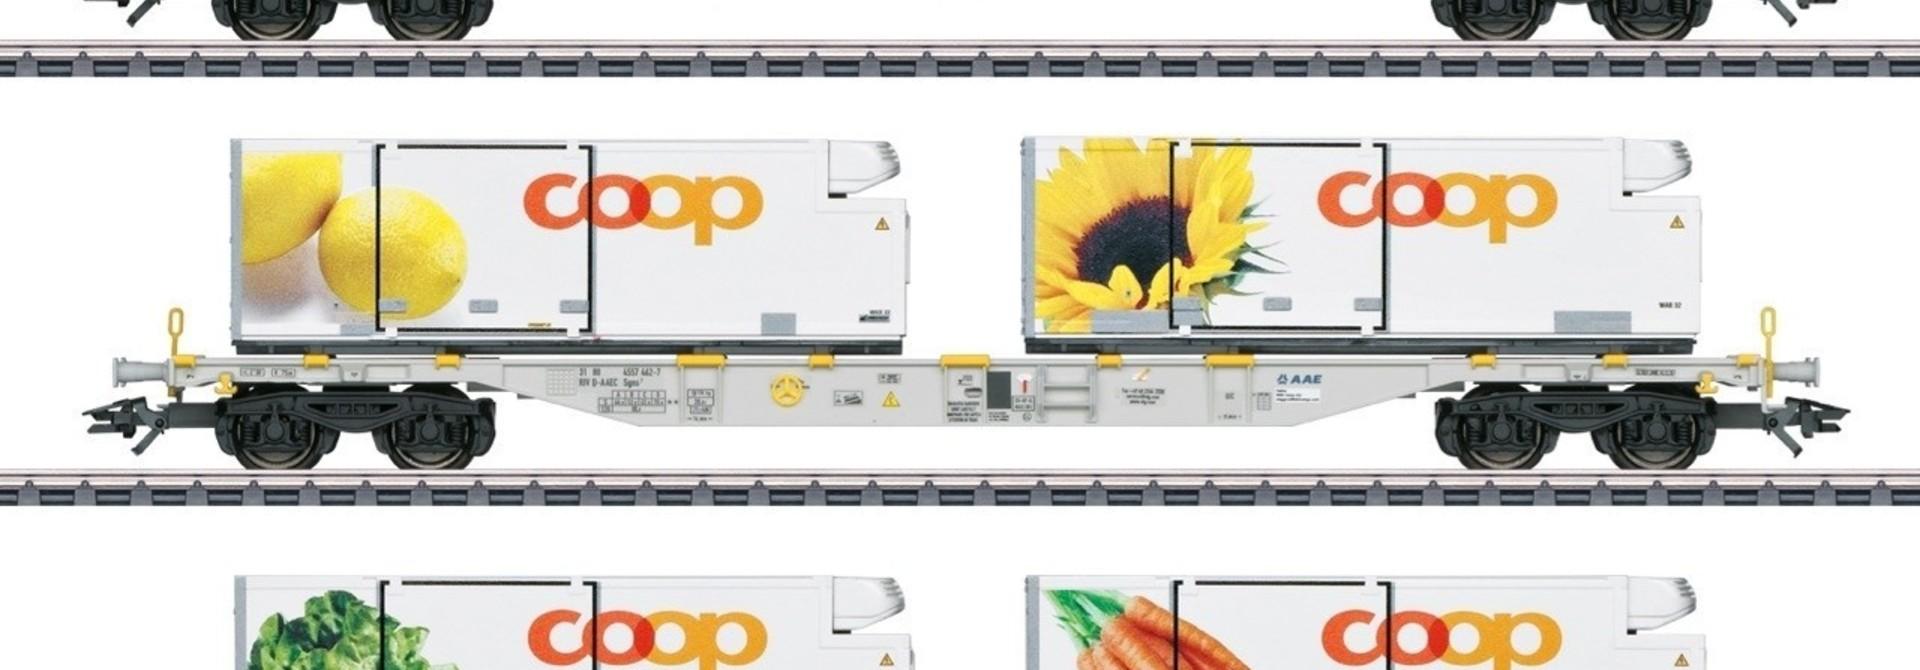 47461 Containerwagenset ''COOP'' driedelig